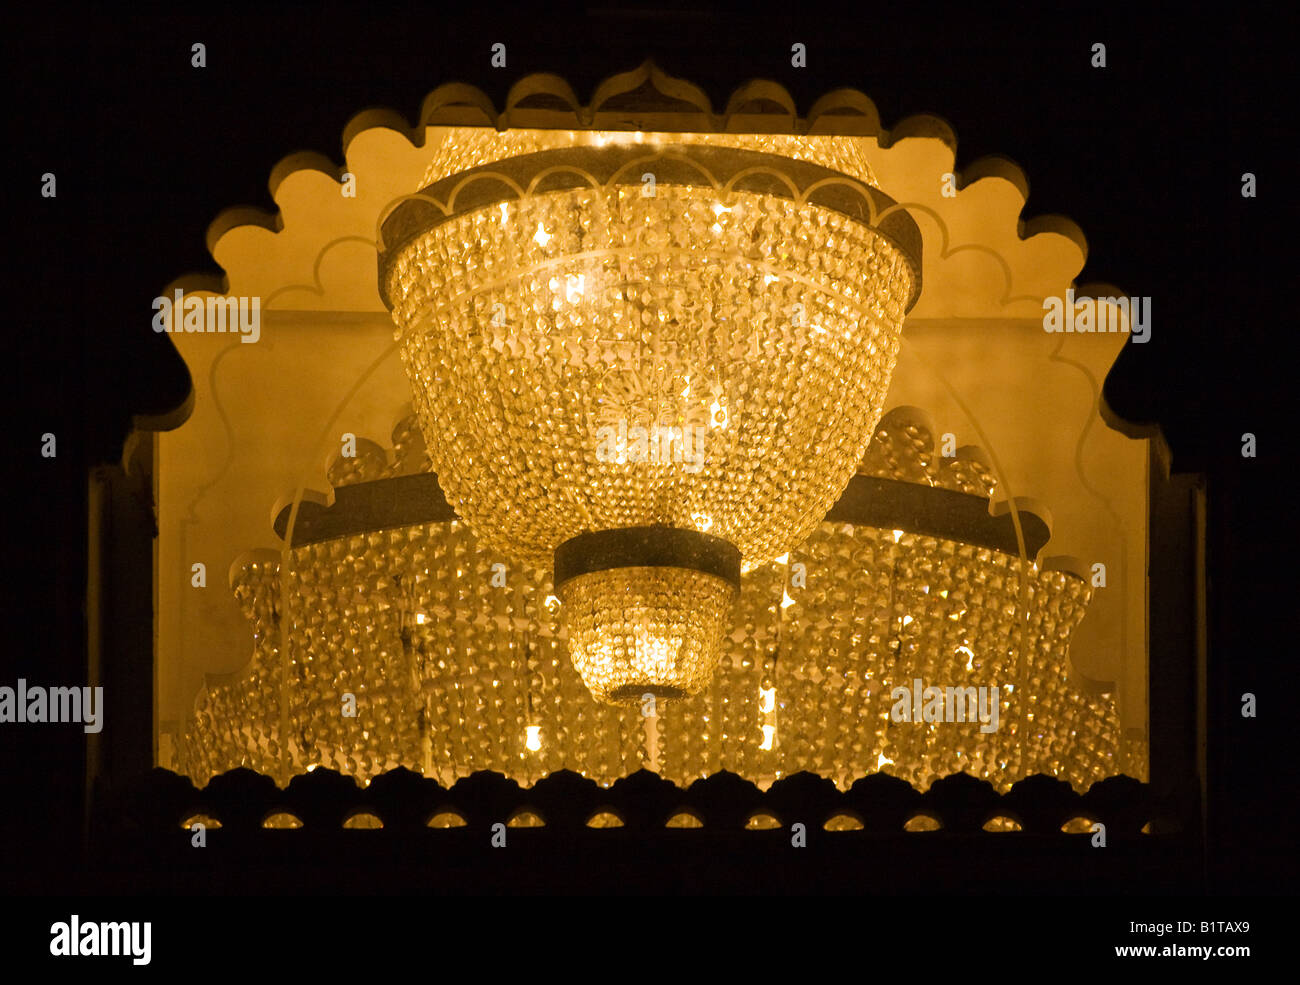 Schon Der CRYSTAL BALLROOM Kronleuchter In Der CITY PALACE UDAIPUR Von Maharaja  Udai Singh Ll 1600 N. Chr. RAJASTHAN Indien Gebaut